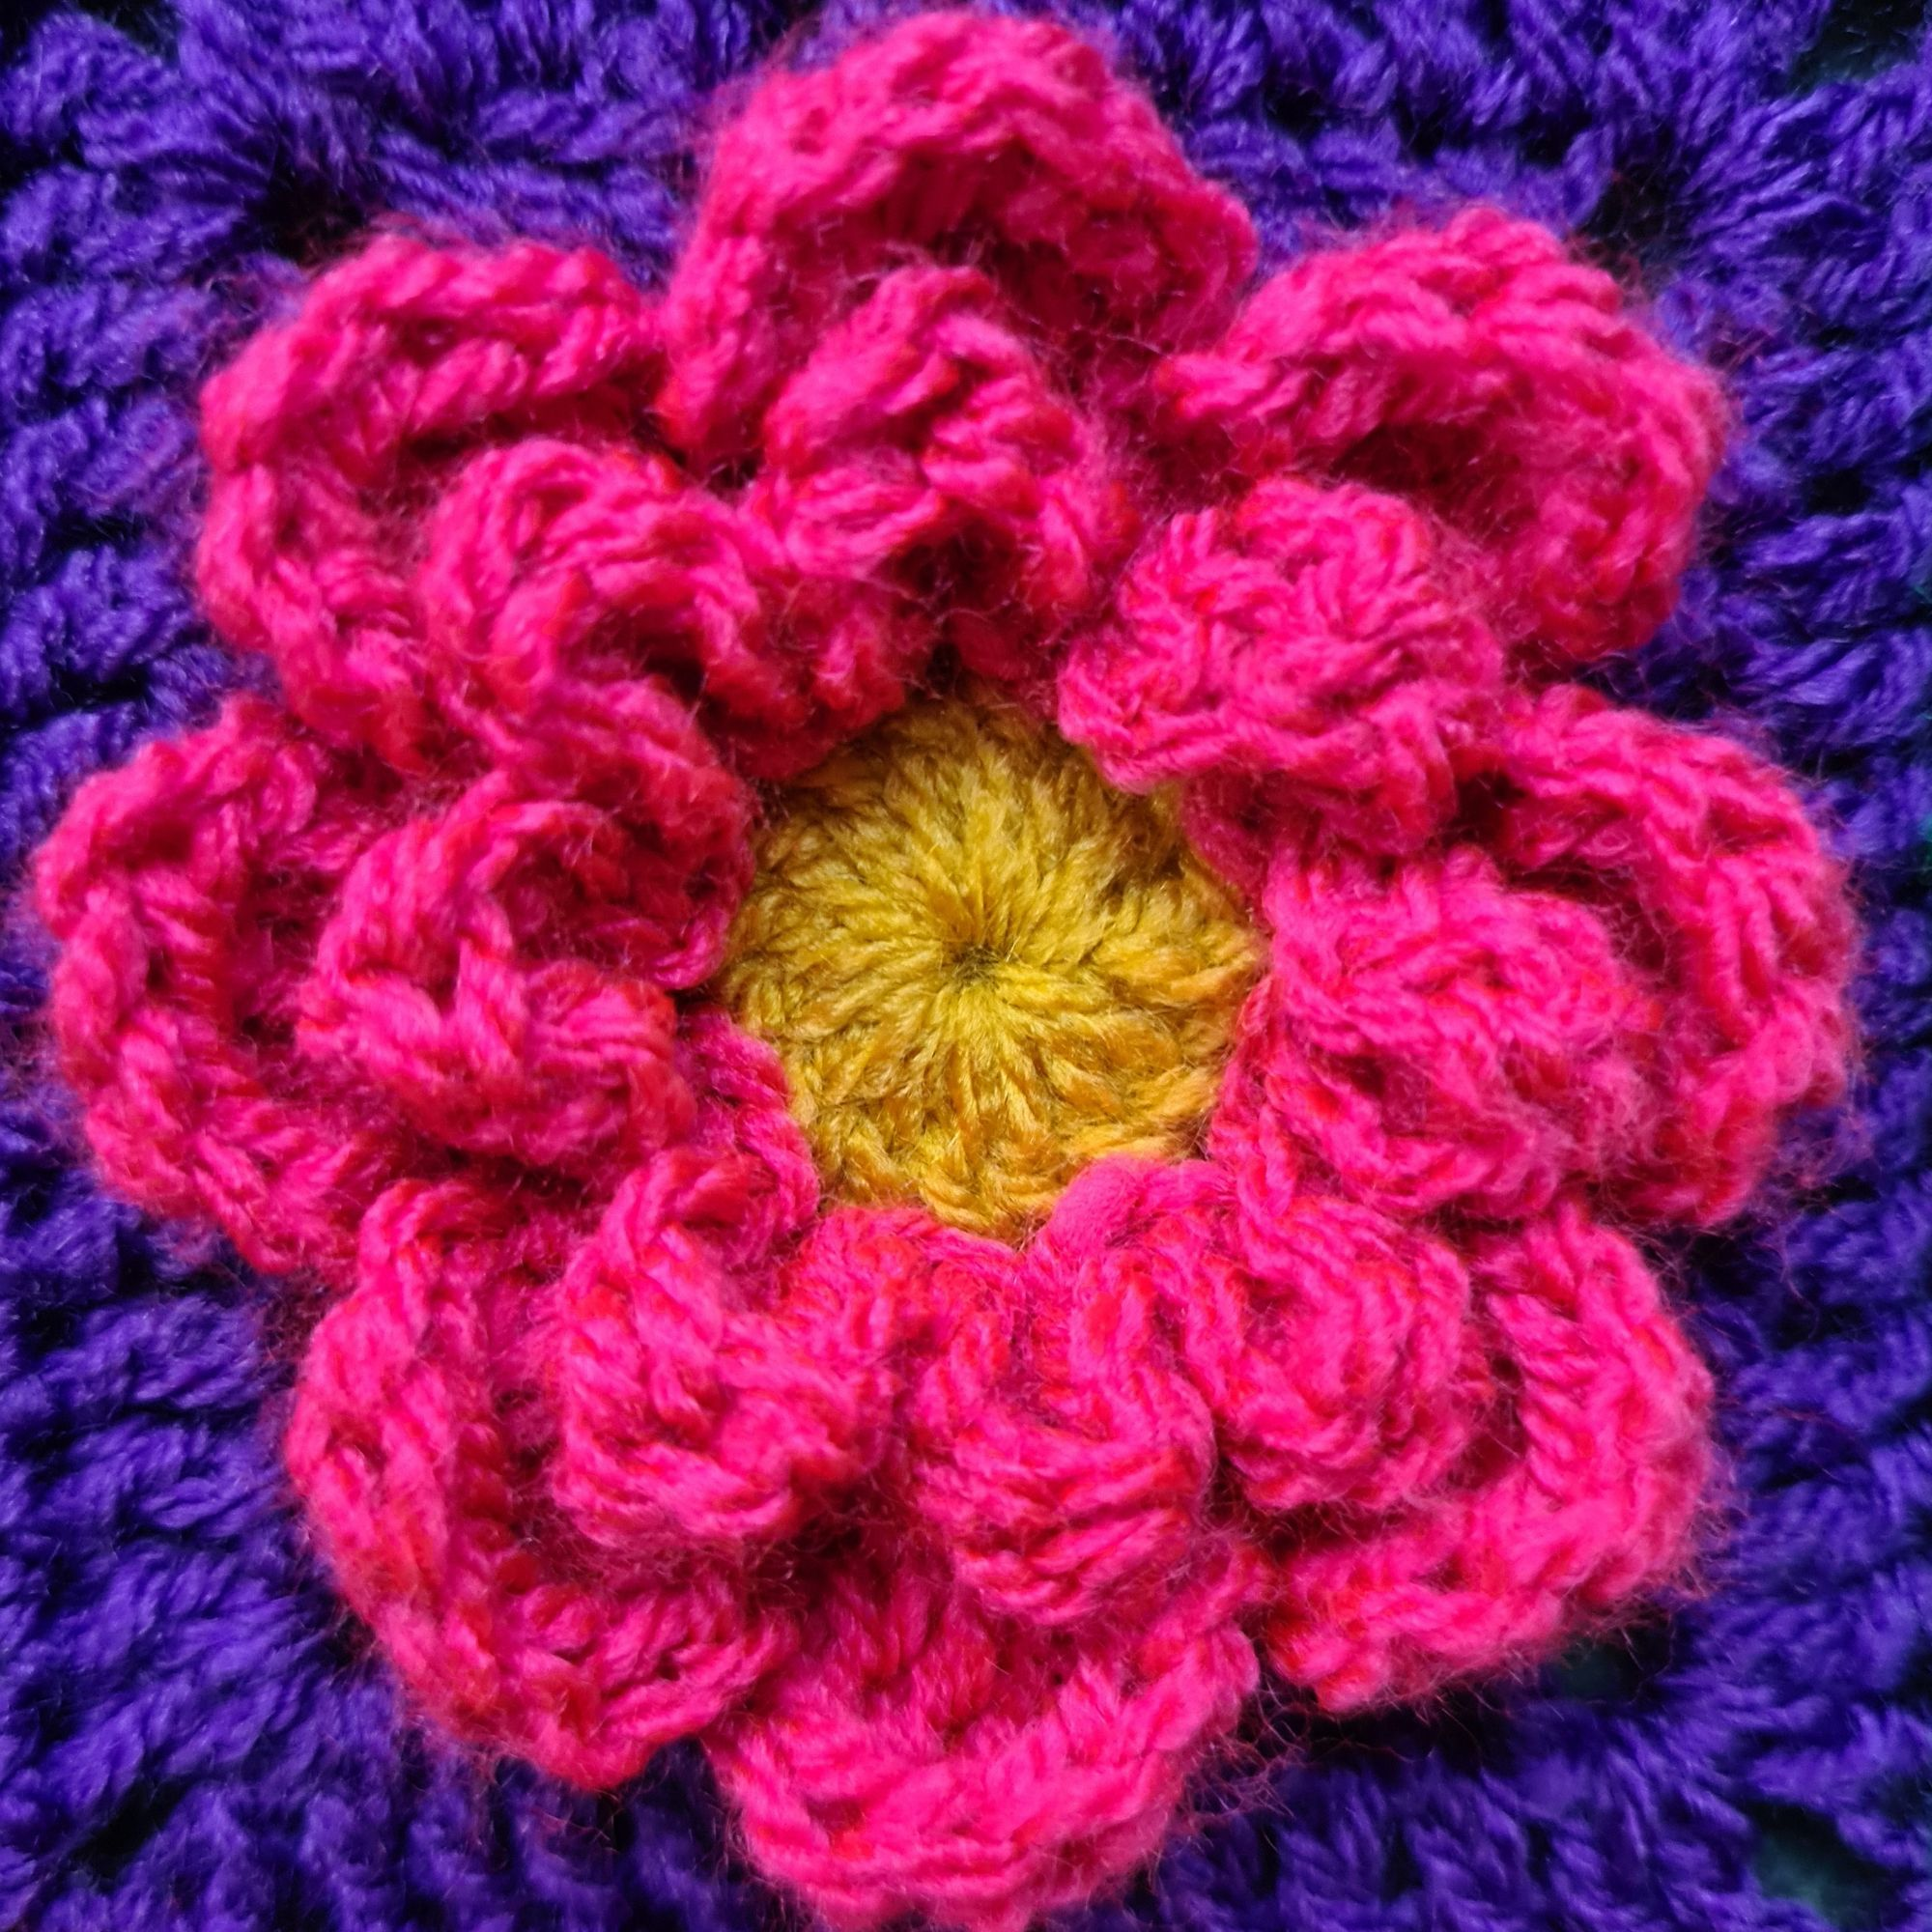 Diana Bensted - Crochet masterclass 8 Flower